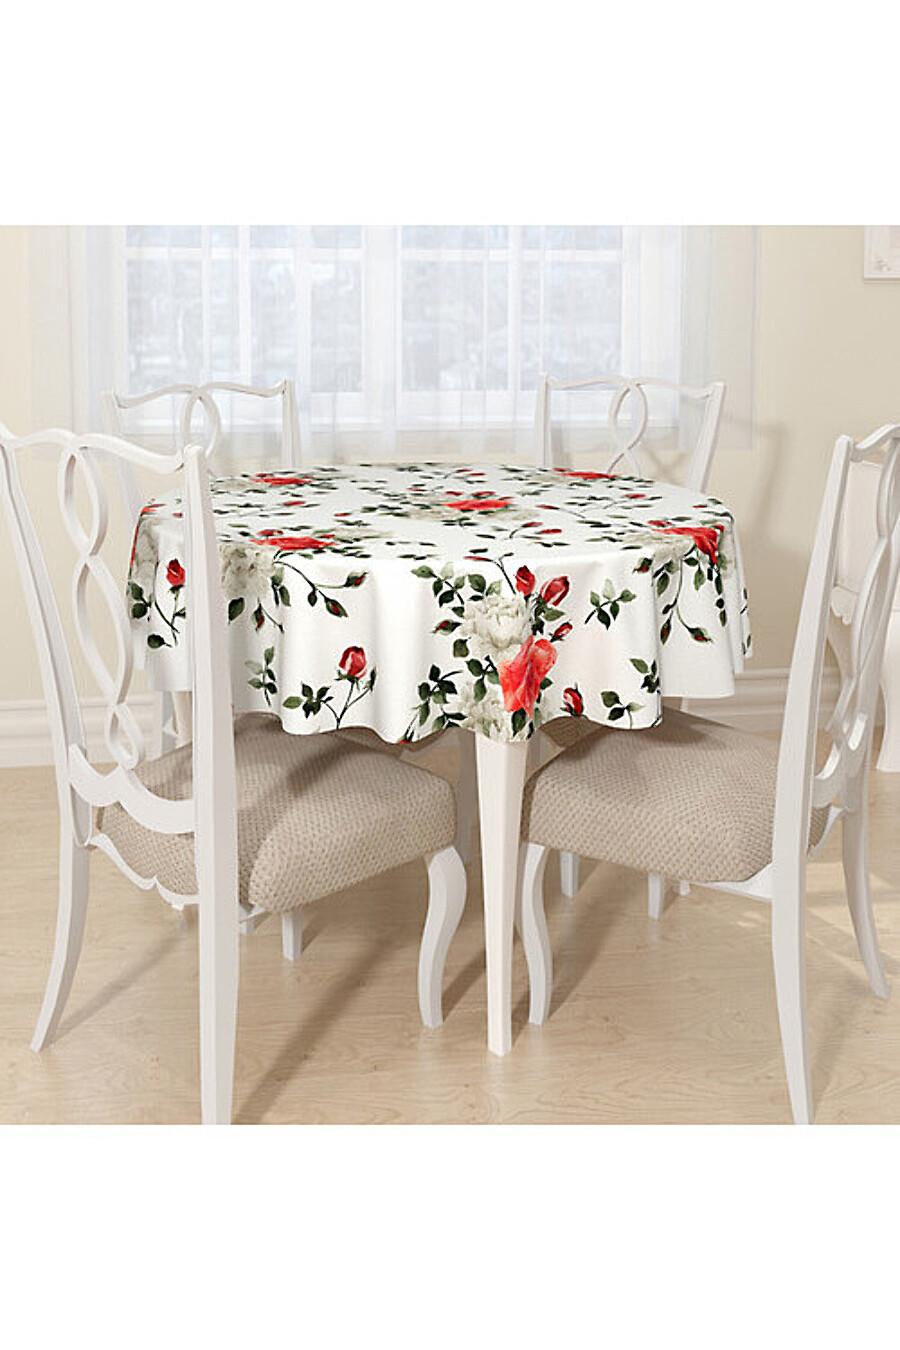 Скатерть для дома ART HOME TEXTILE 180323 купить оптом от производителя. Совместная покупка товаров для дома в OptMoyo